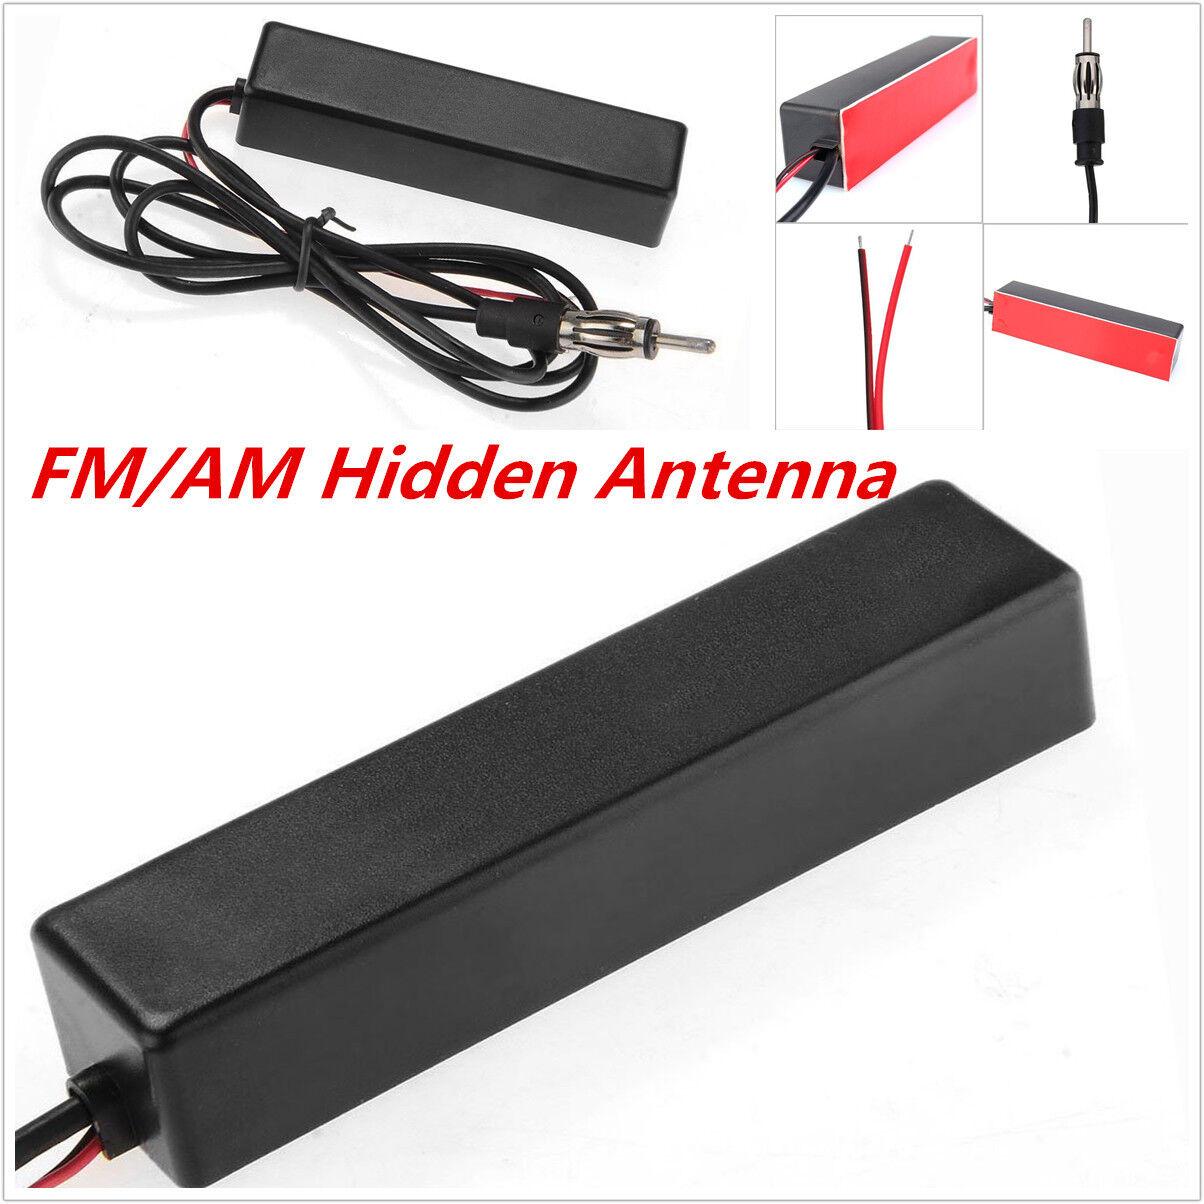 universell versteckte FM/AM elektrisch Verstärkt Radioantenne für Auto LKW Boot